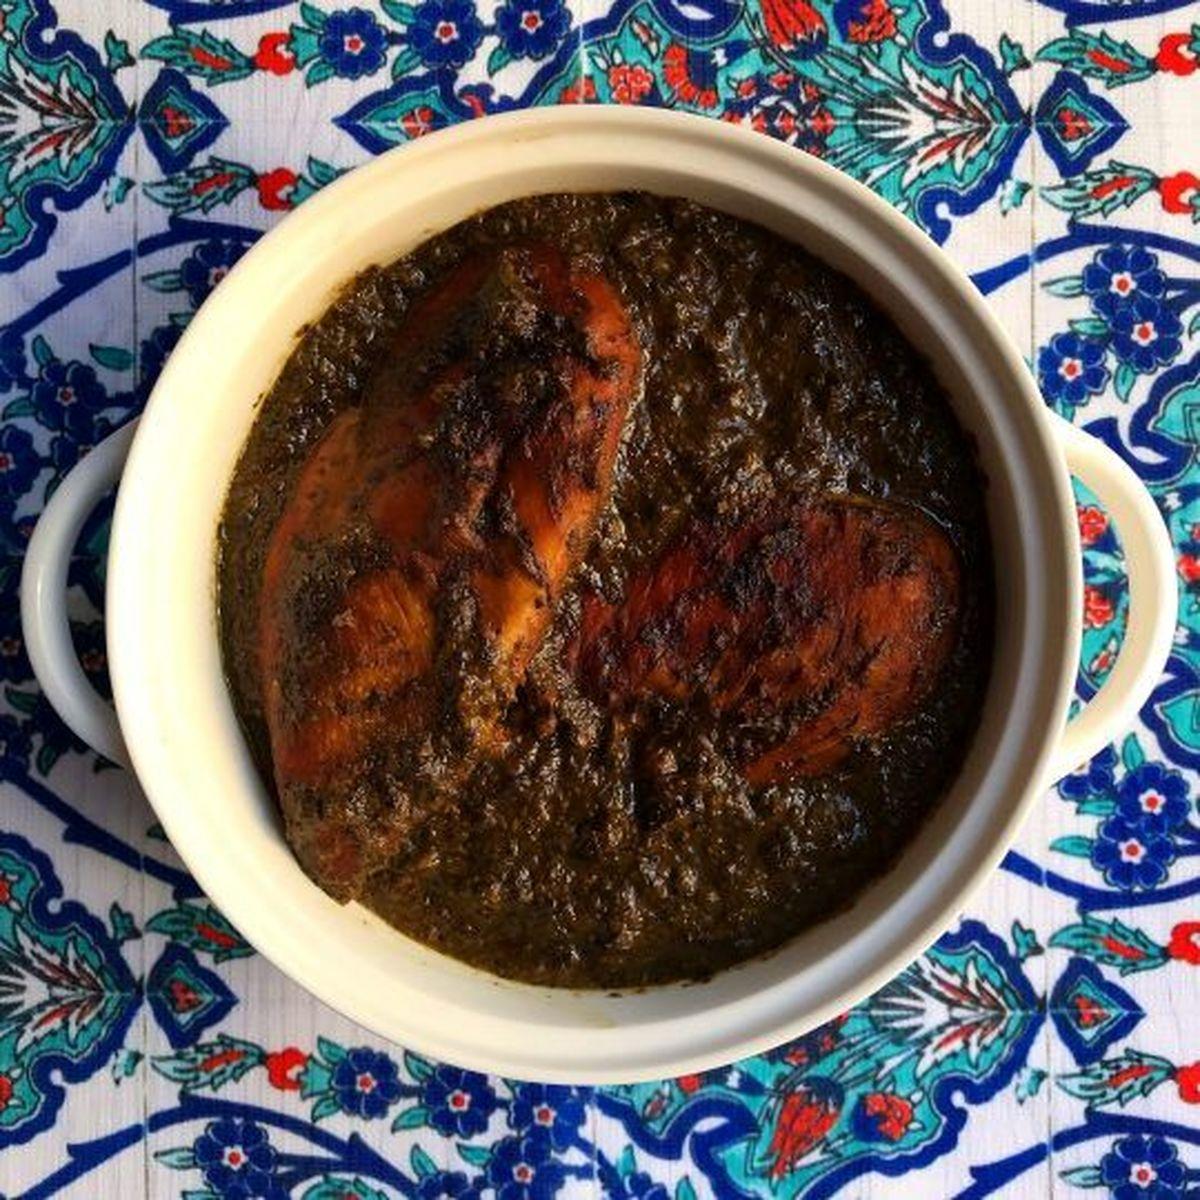 طرز تهیه و پخت مرغ ترش مازندرانی + مواد لازم